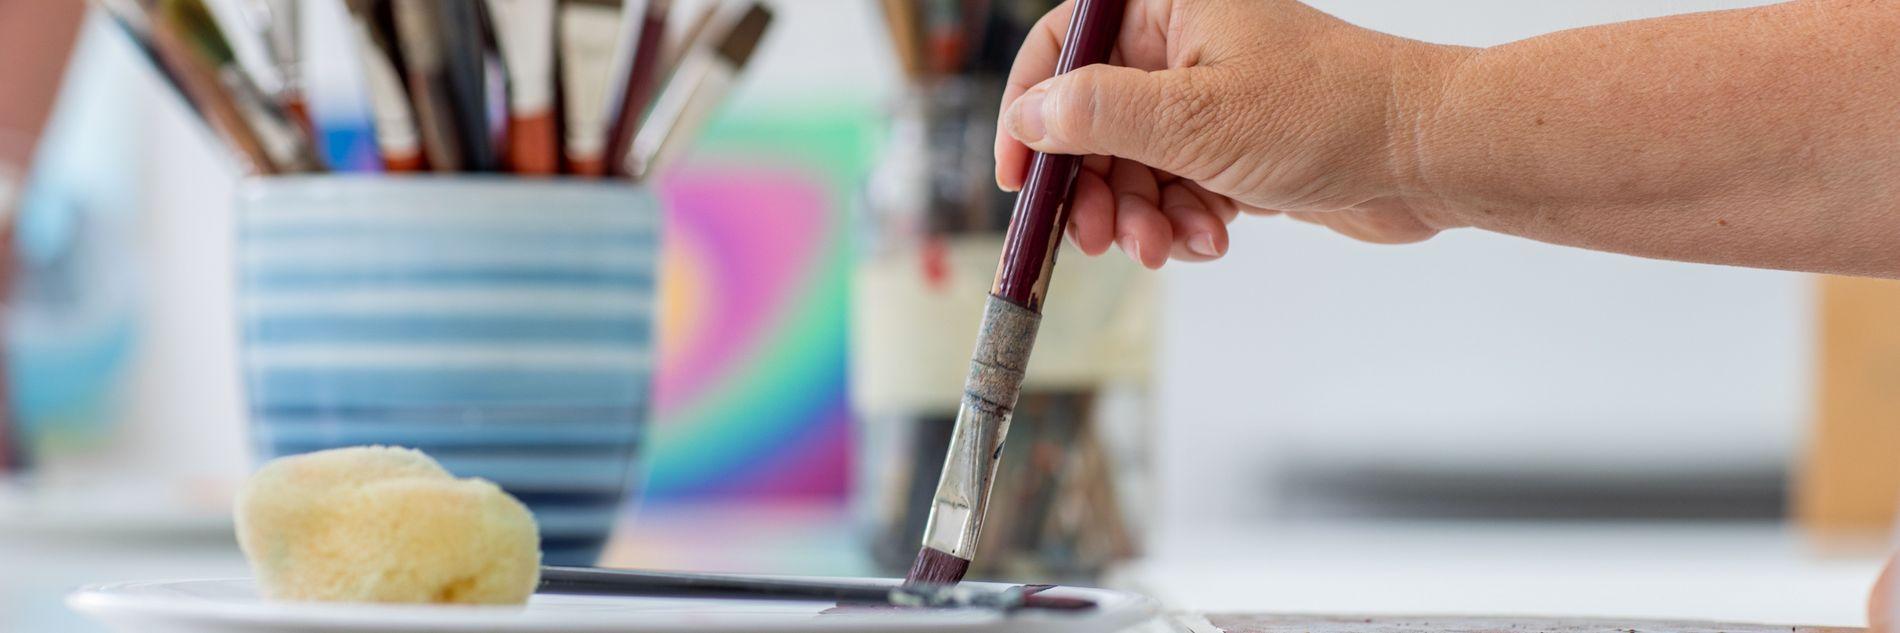 Pinsel & Farben